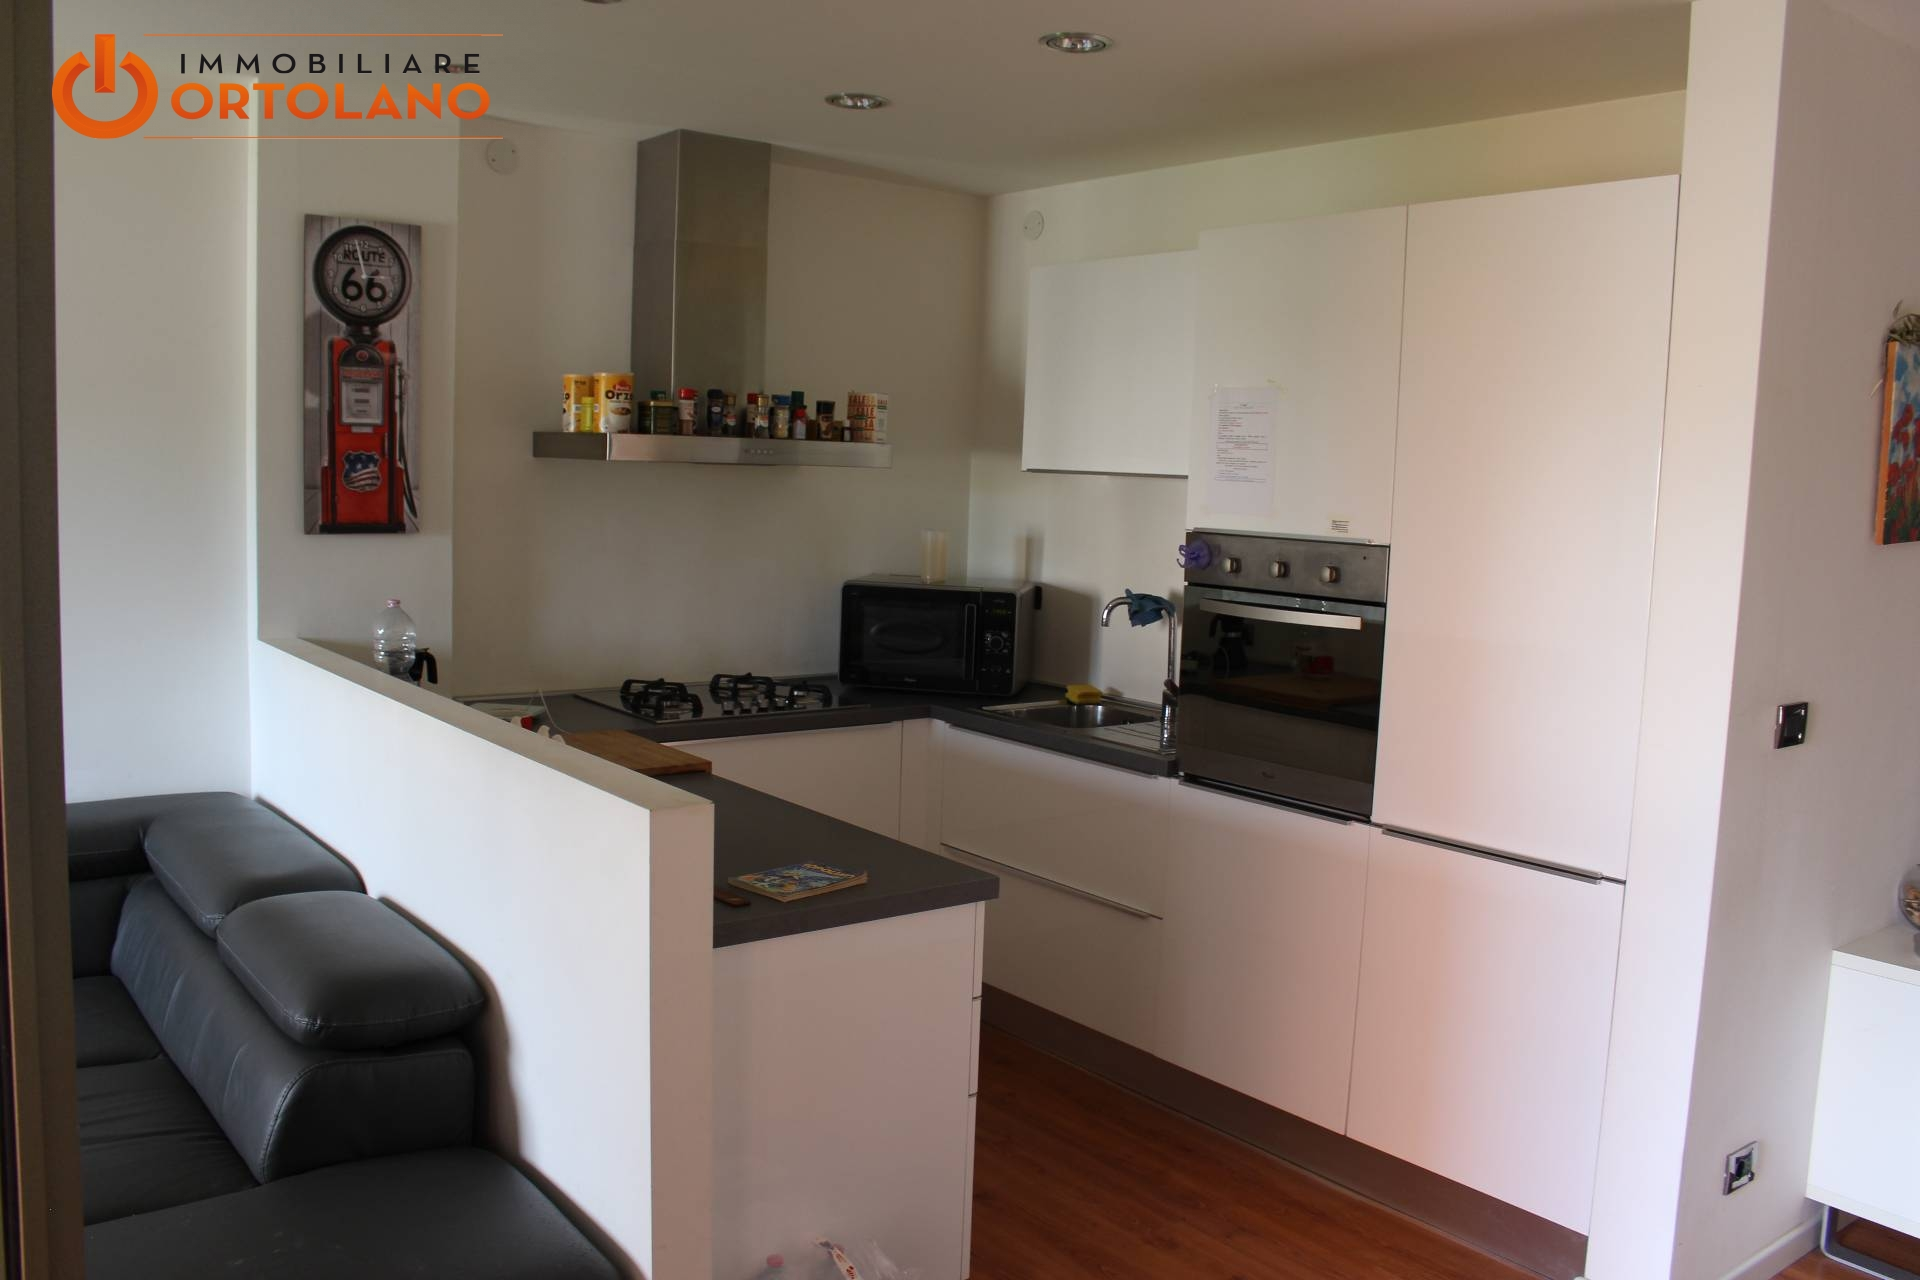 Appartamento in vendita a Villa Vicentina, 3 locali, prezzo € 60.000   CambioCasa.it